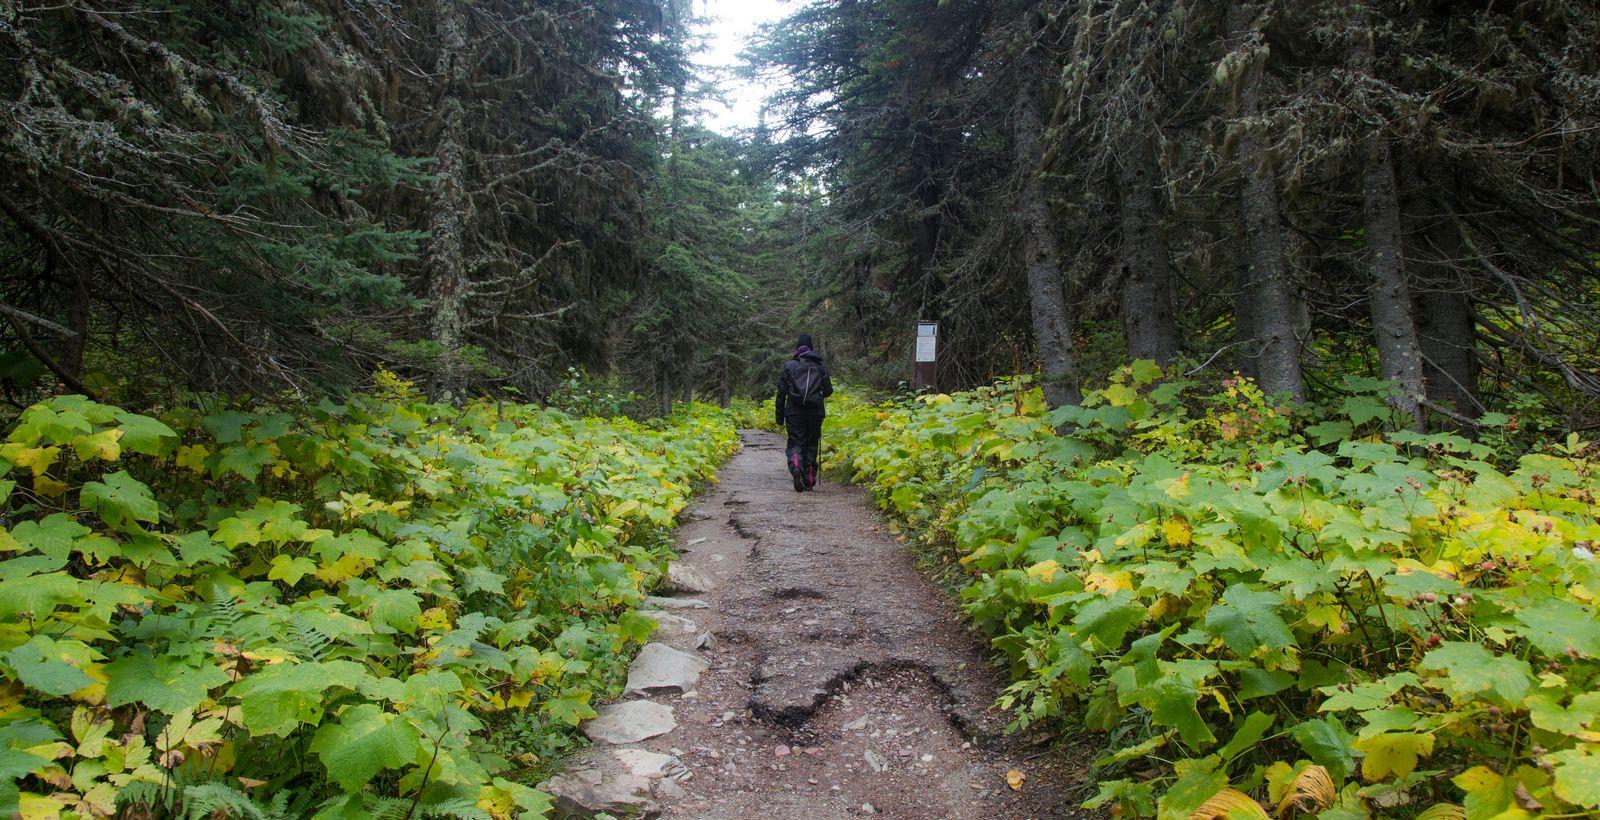 Primeros kilómetros llanos y rodeados de vegetación